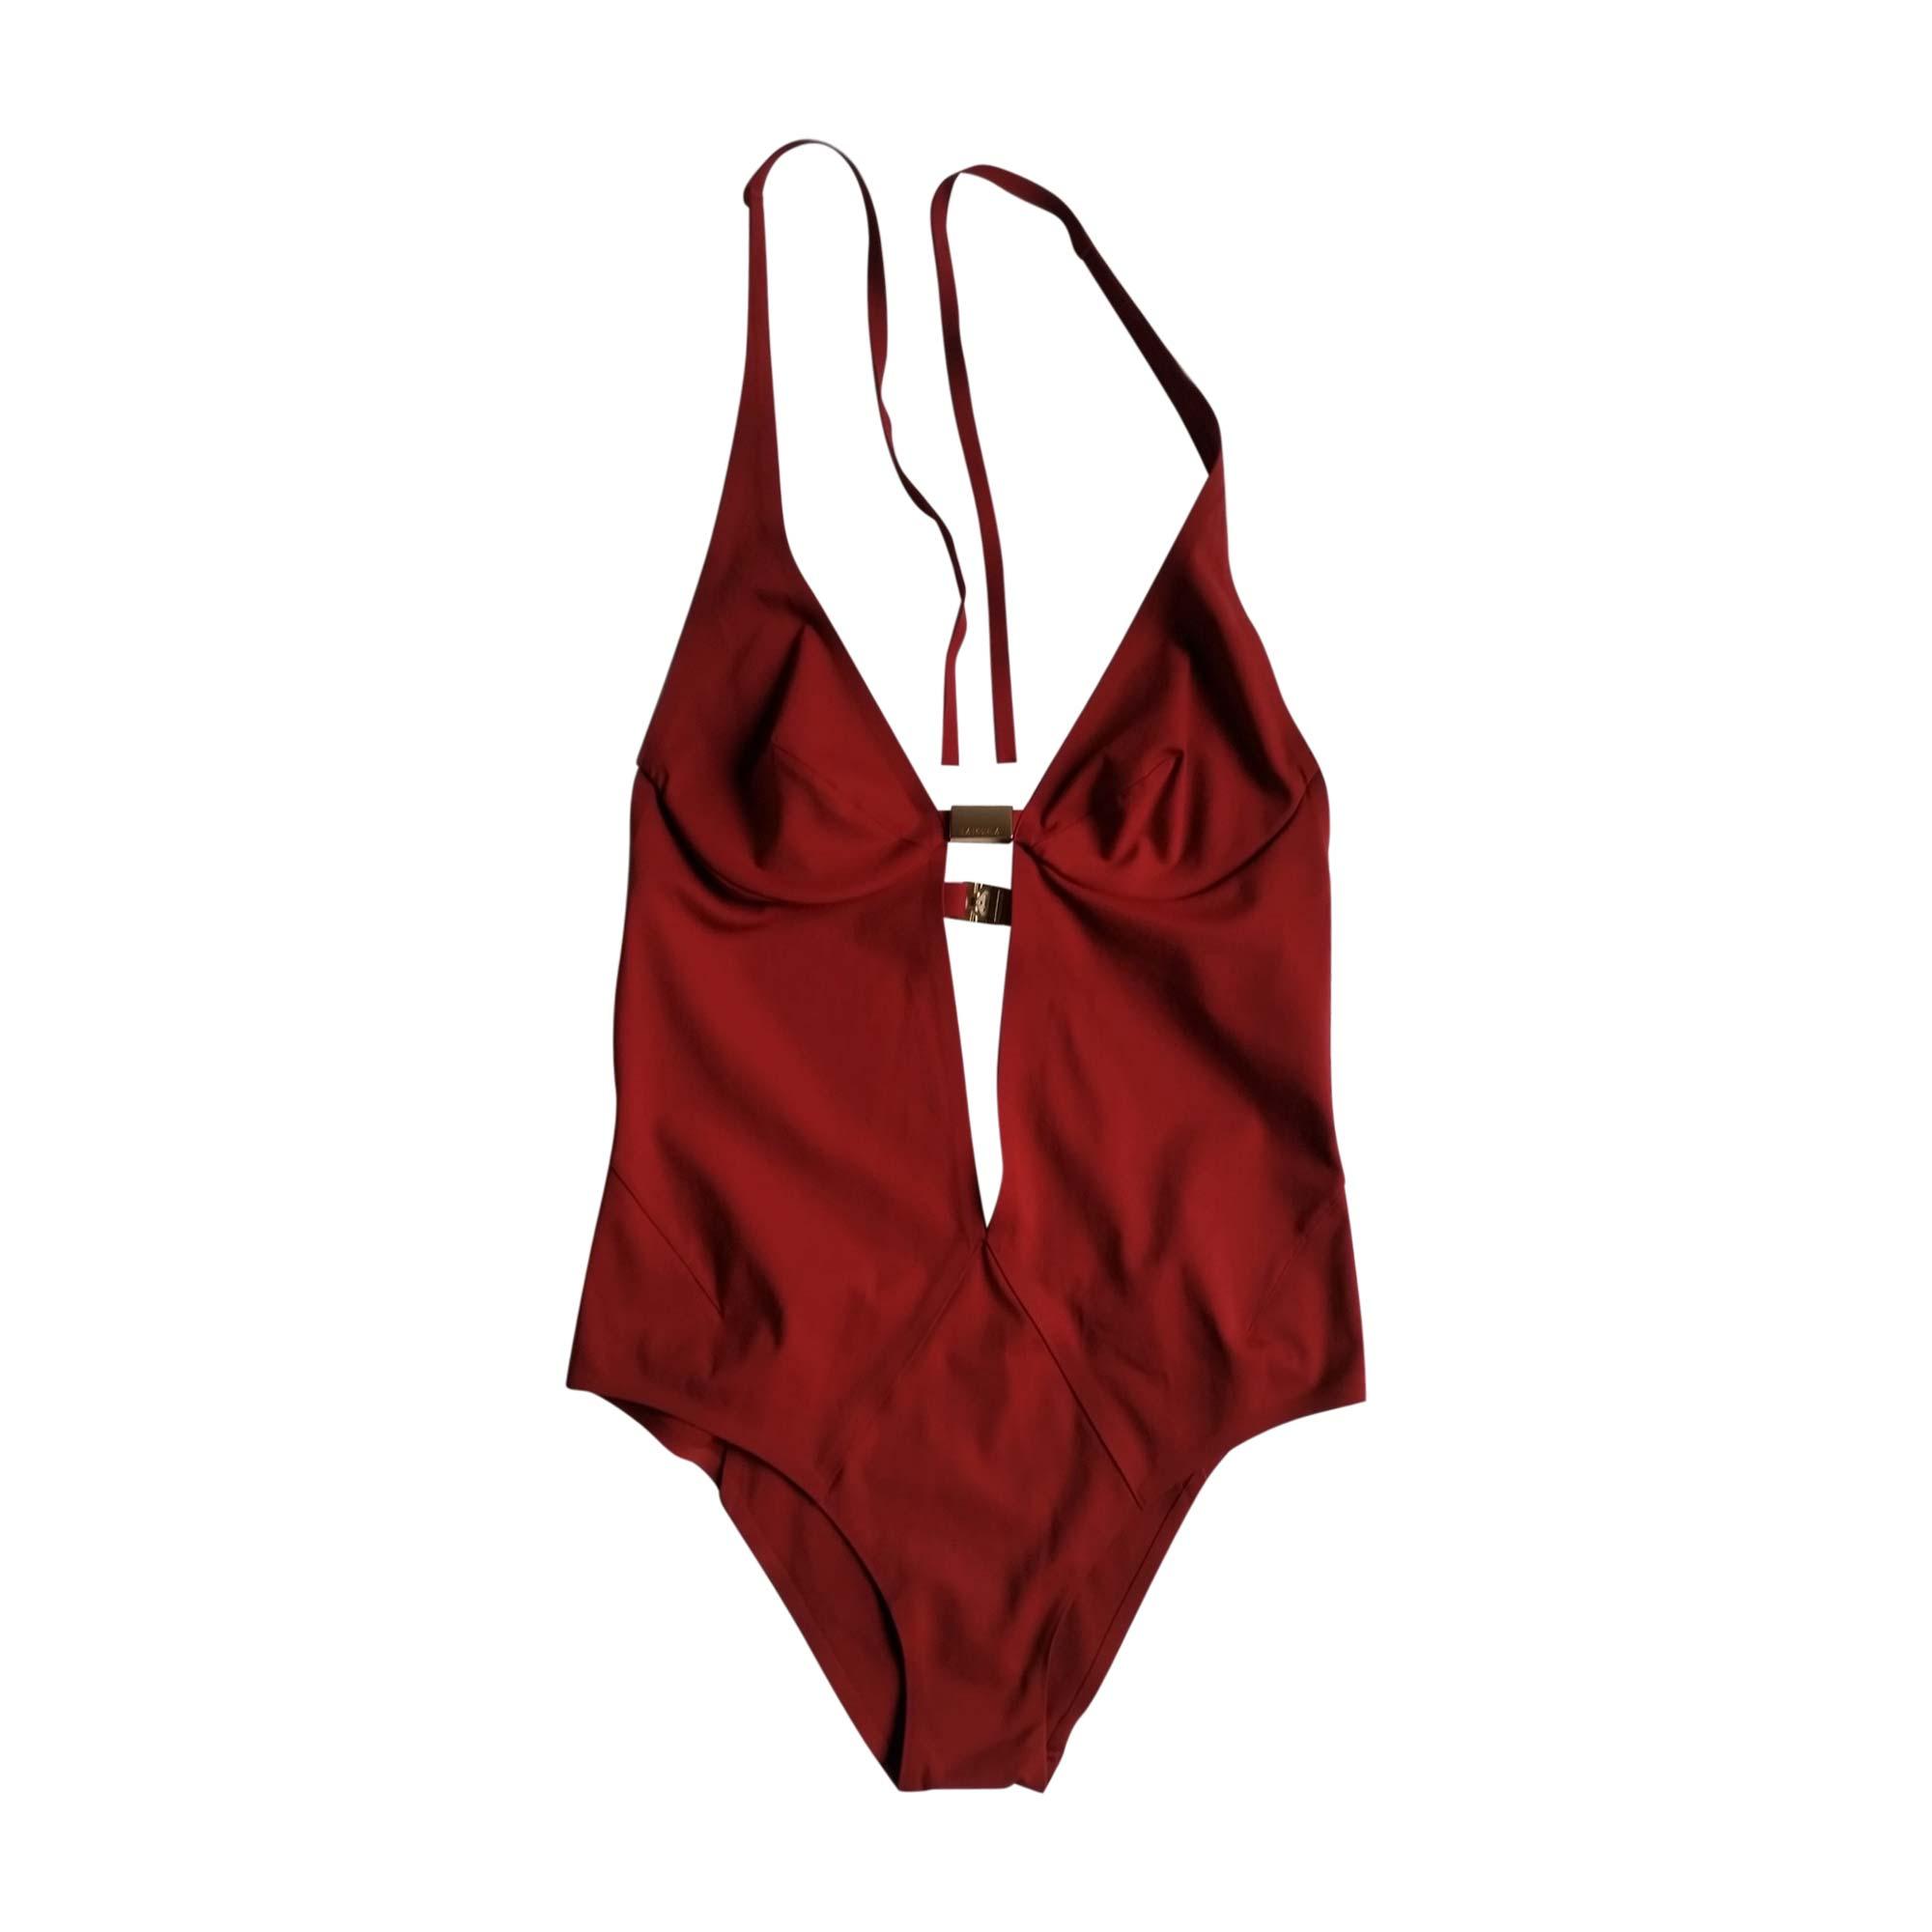 maillot de bain une pi ce la perla 38 m t2 rouge 7093053. Black Bedroom Furniture Sets. Home Design Ideas